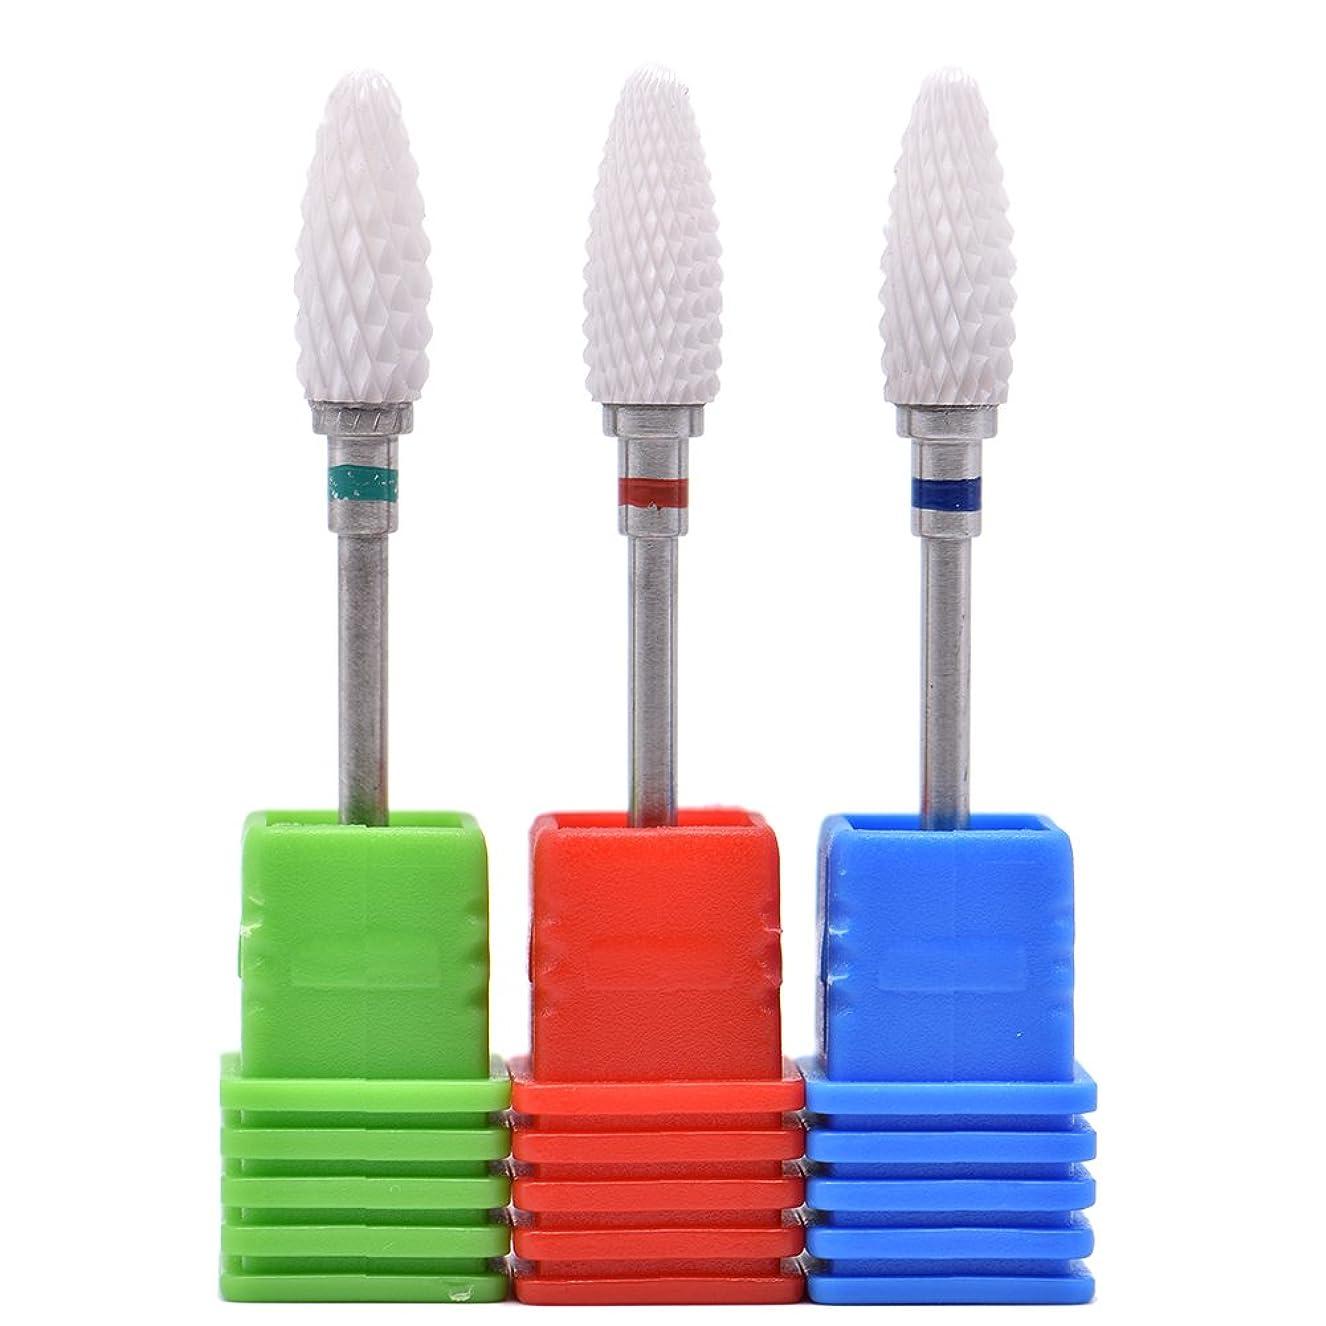 加害者散髪支配するOral Dentistry ネイルアート ドリルビット 長い 研磨ヘッド ネイル グラインド ヘッド 爪 磨き 研磨 研削 セラミック 全3色 (レッドF(微研削)+グリーンC(粗研削)+ブルーM(中仕上げ))